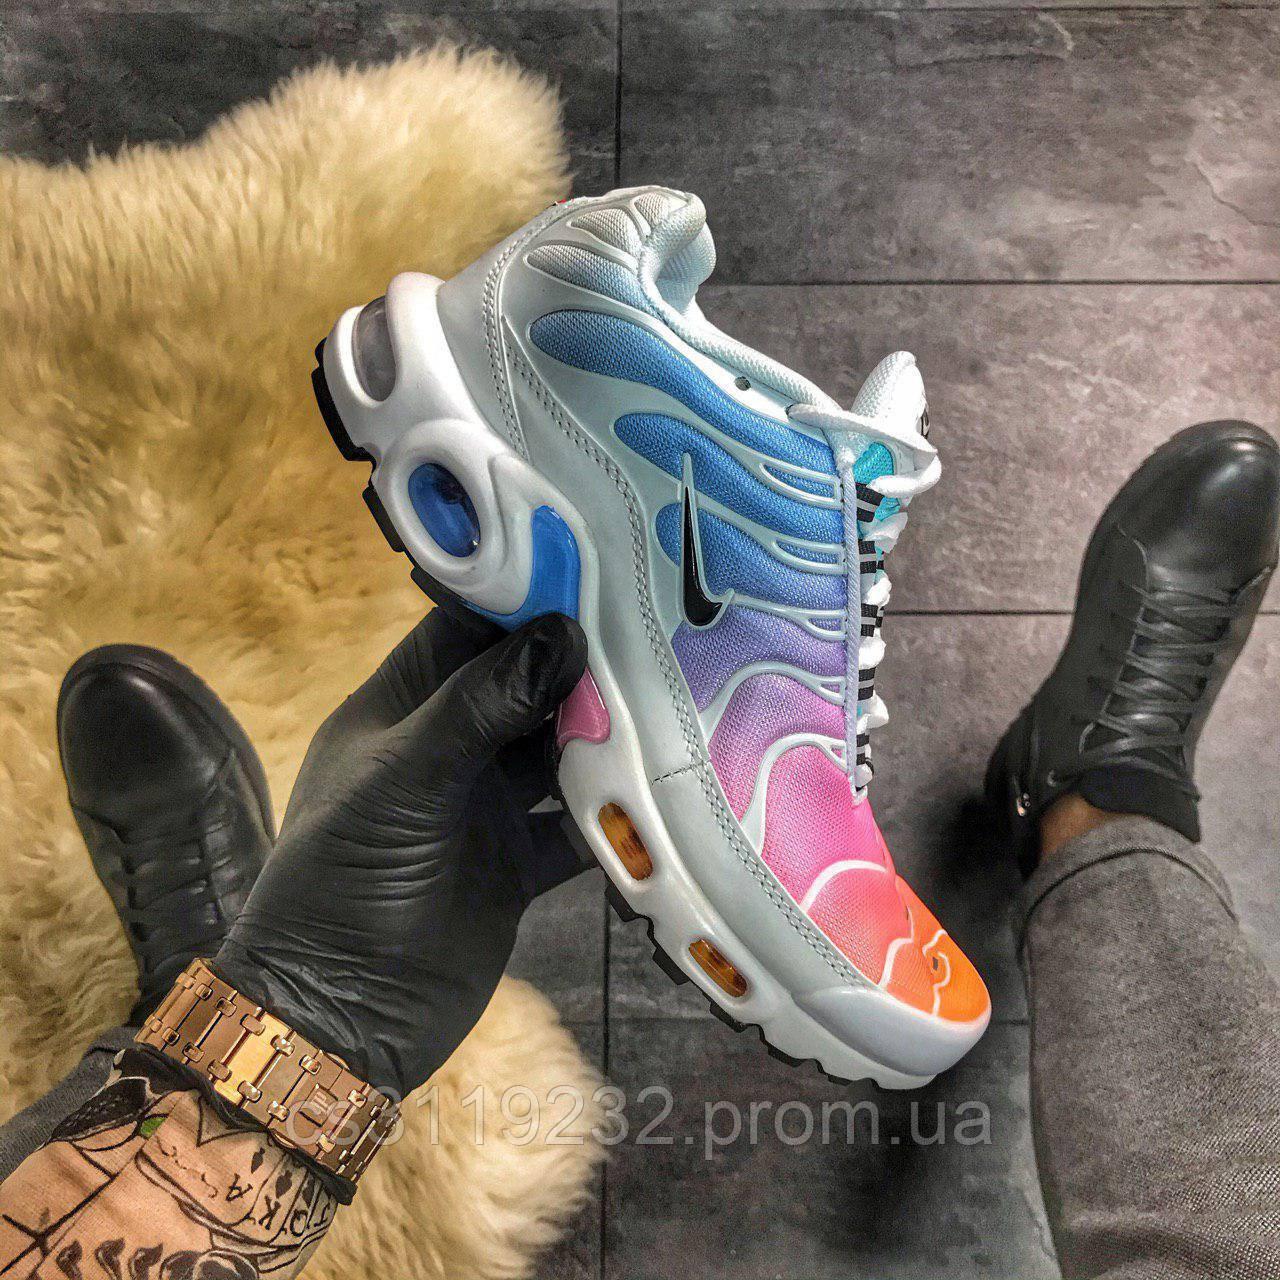 Женские кроссовки  Nike Air Max TN (многоцветные)